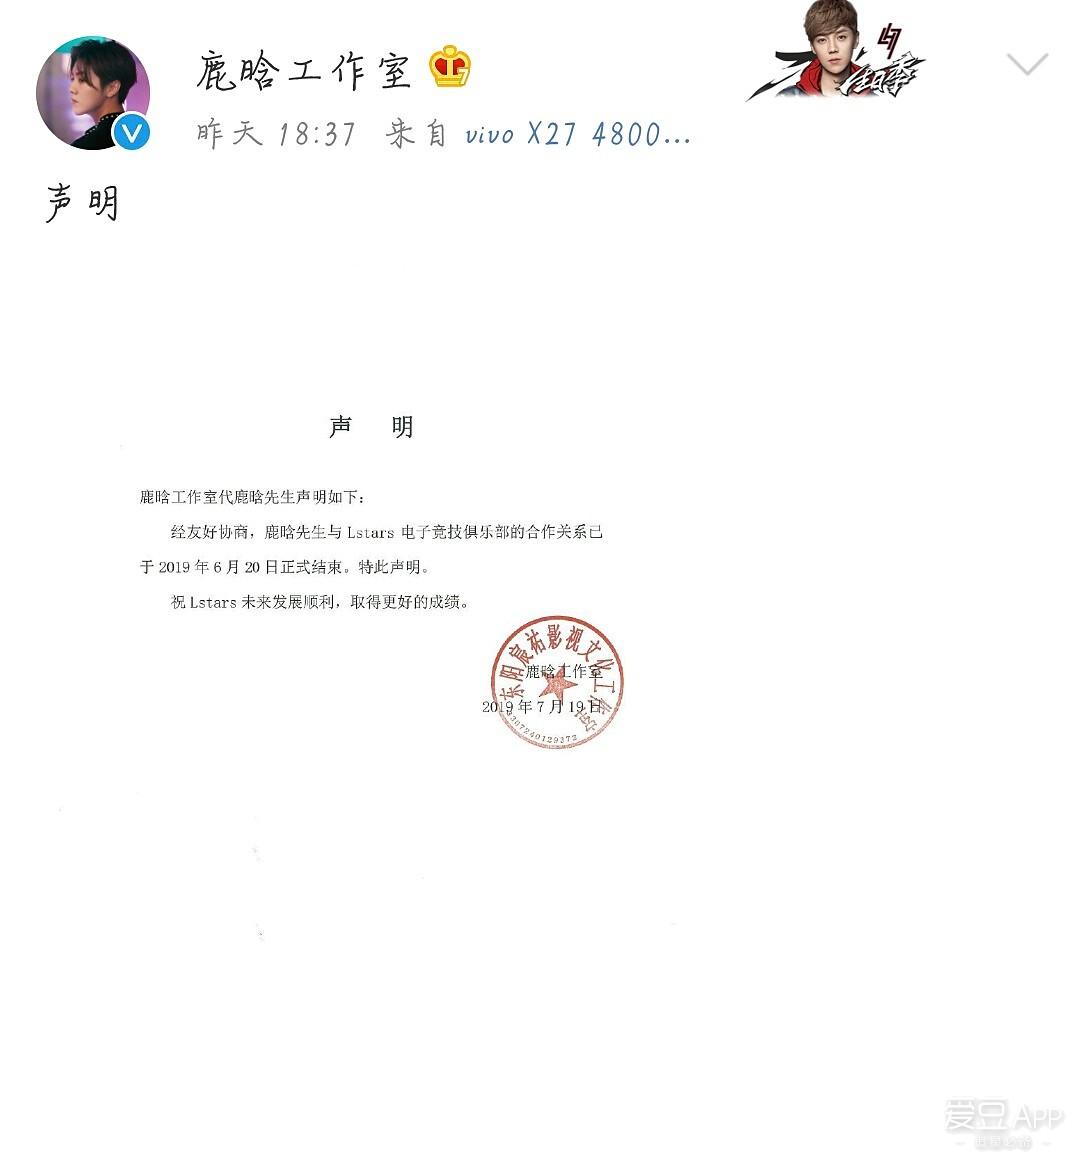 [分享]190720 鹿晗工作室声明与Lstar电子竞技俱乐部合作结束!